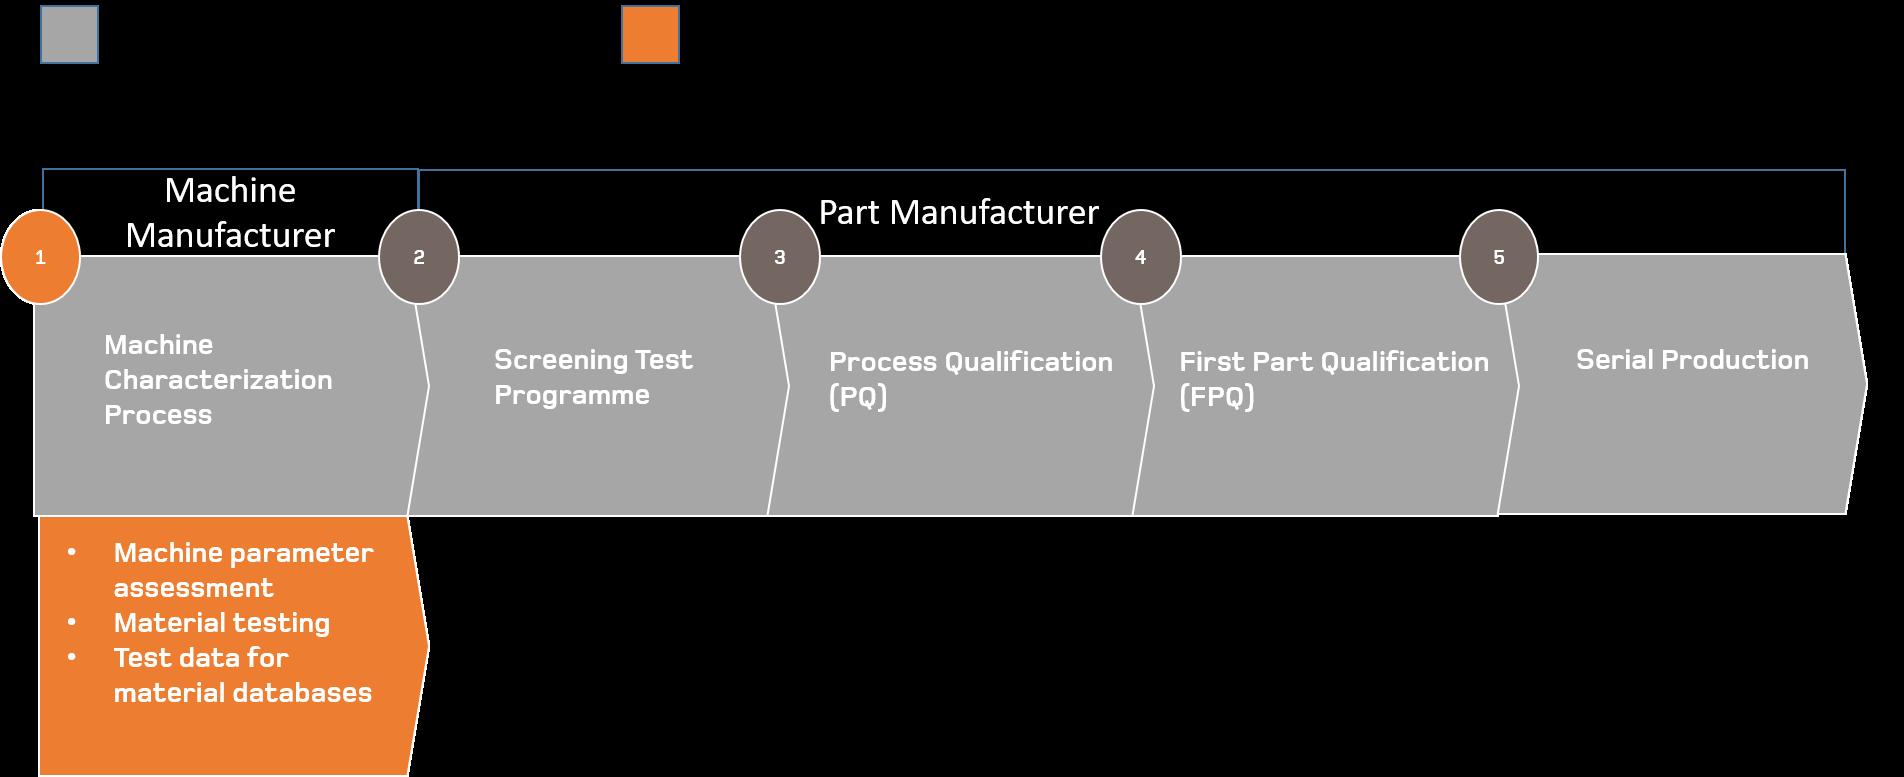 3D printing chart 1.2020-07-22-16-42-59